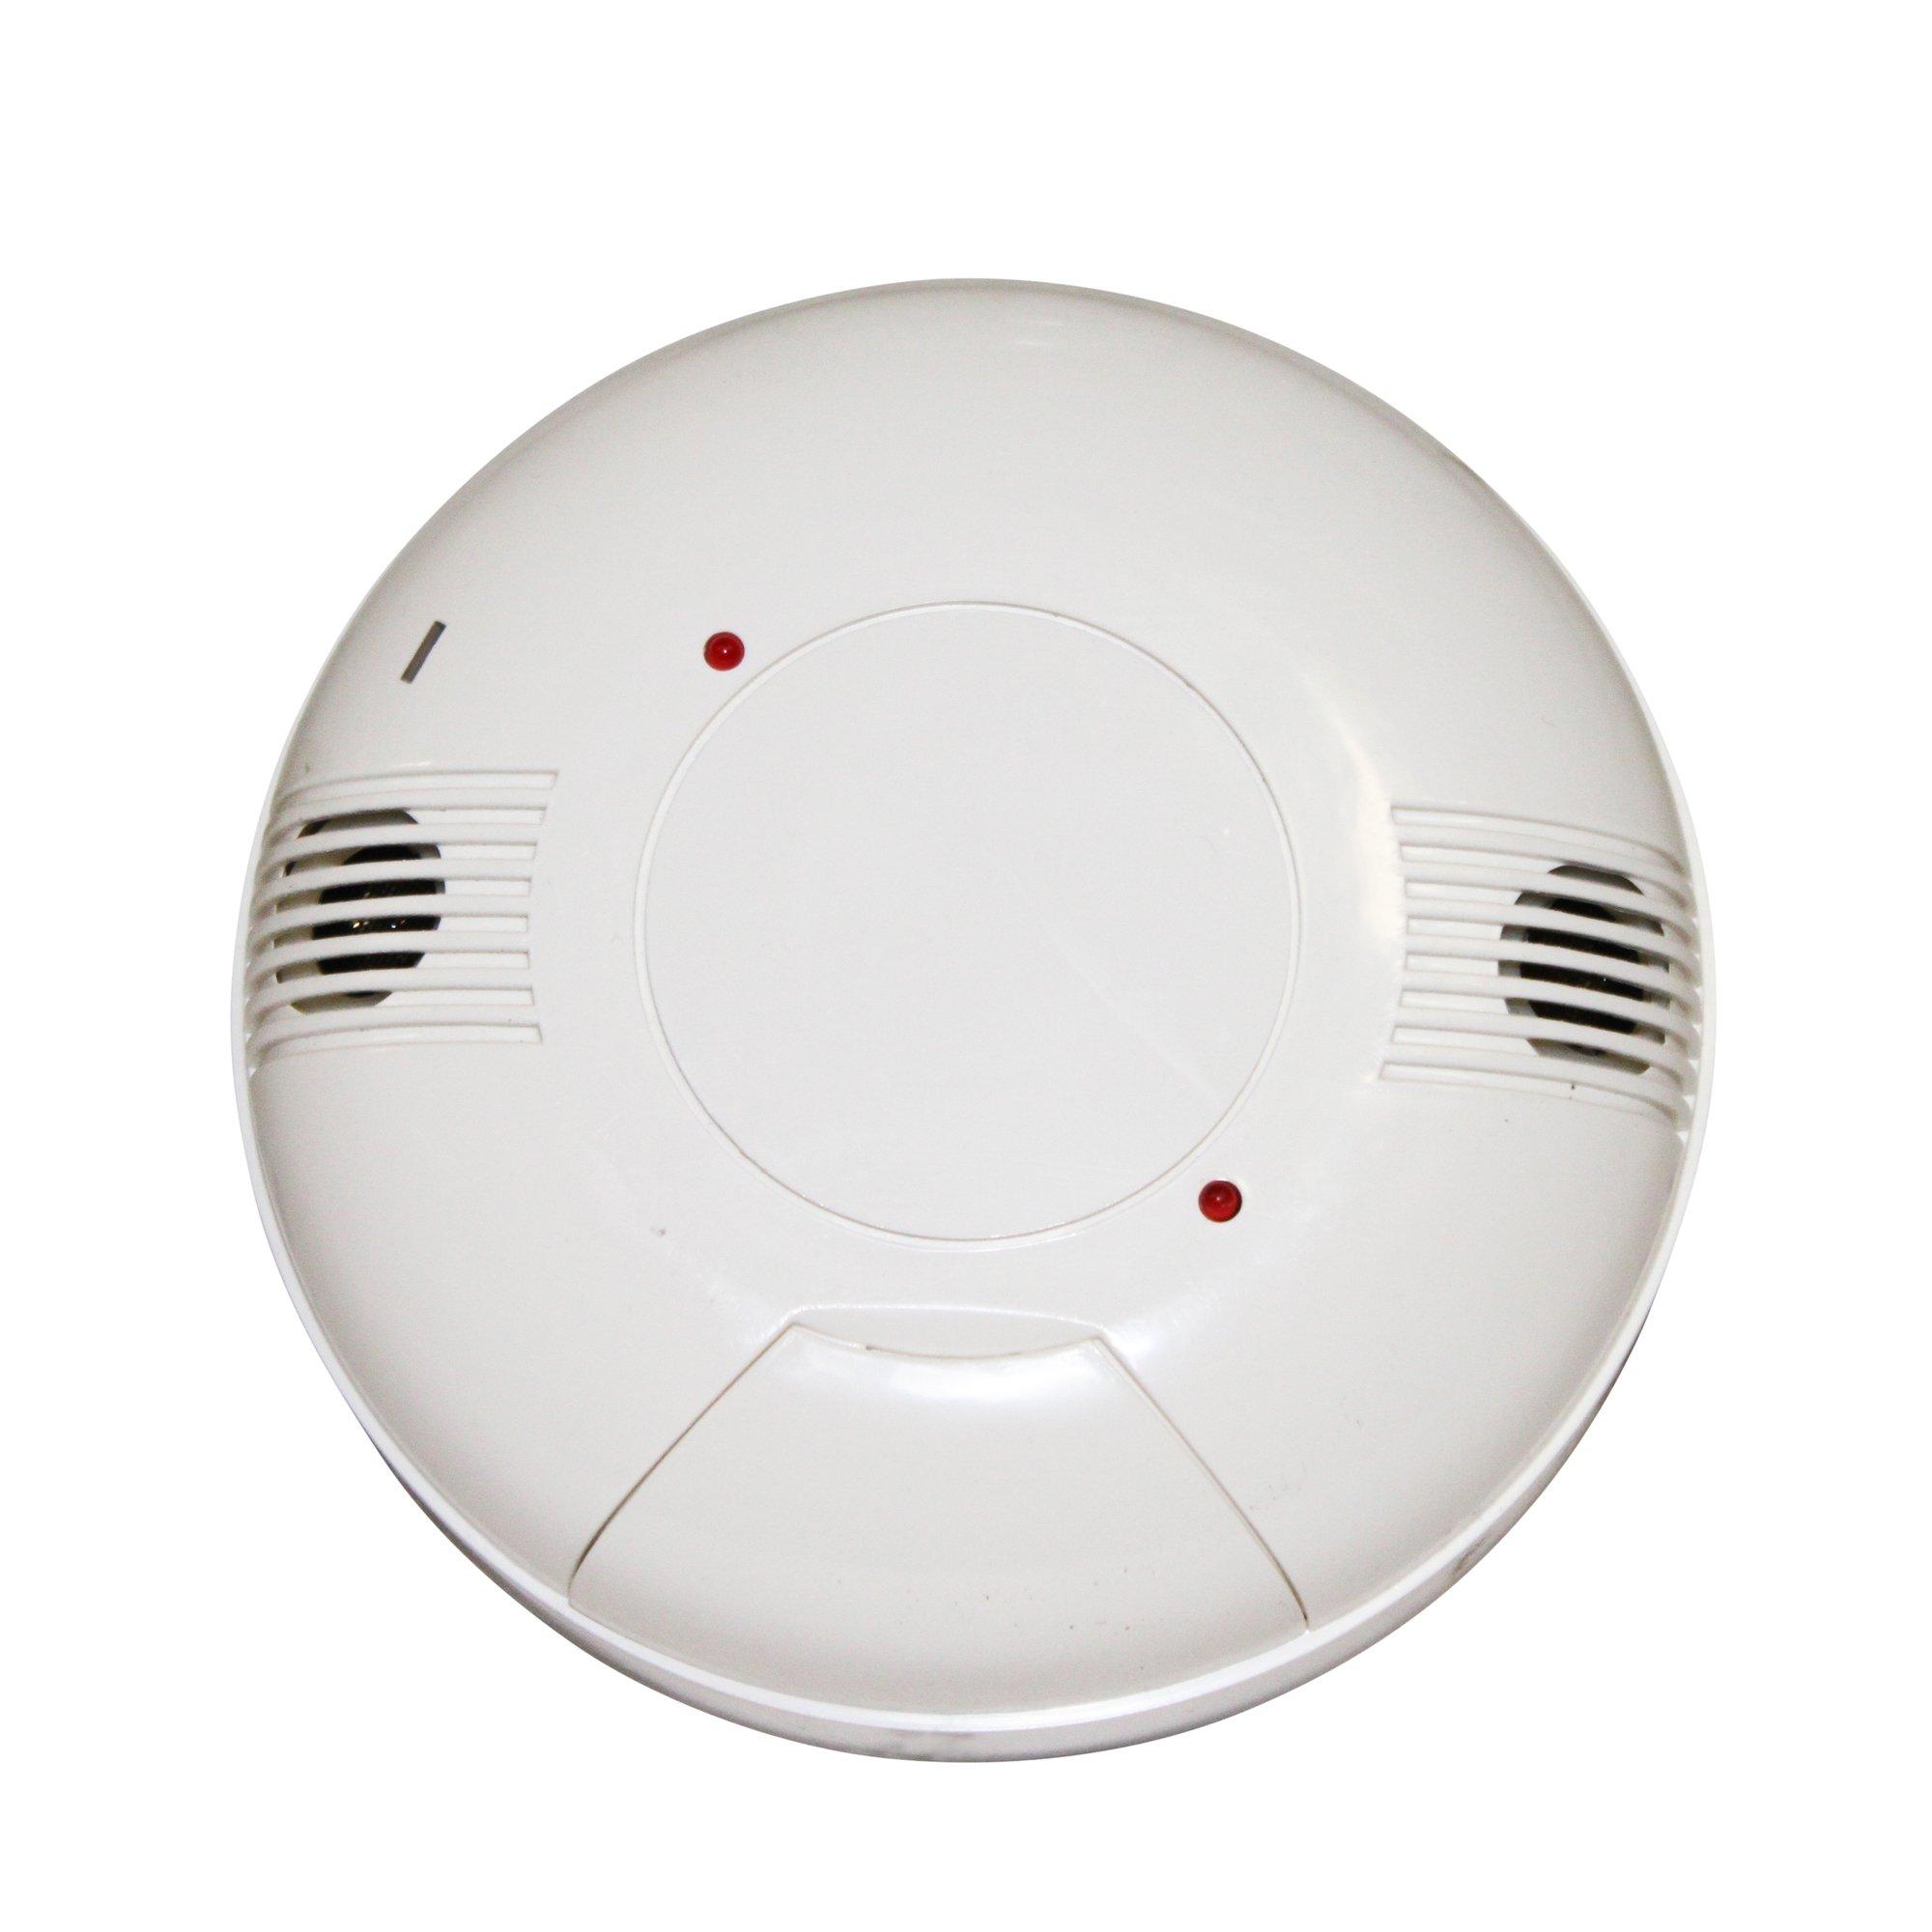 Unenco Hubbell C8001500 C800-1500 Ultrasonic Ceiling Mount Motion Sensor 1500 SQ FT 24VDC, White